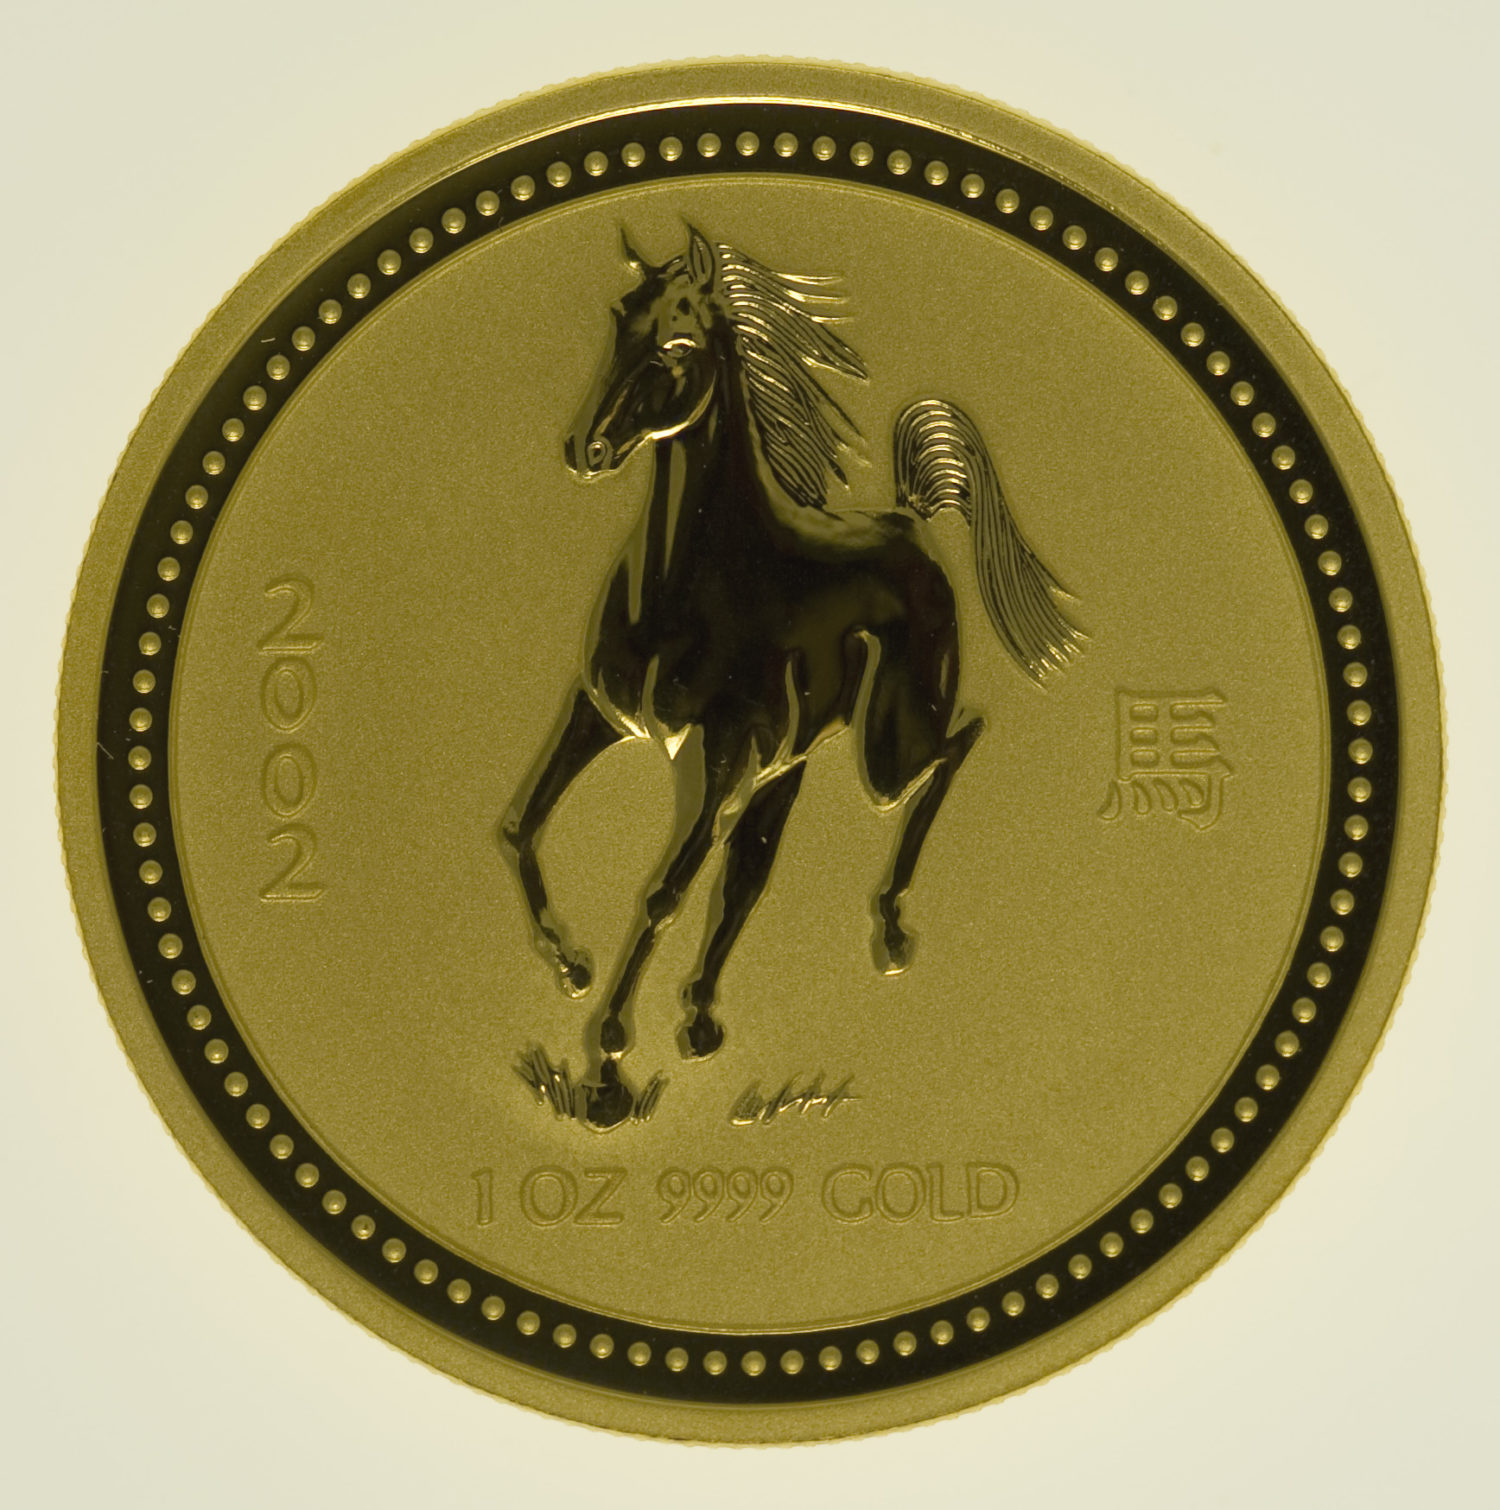 lunar-serie - Australien Lunar Serie I Pferd 1 Unze 2002